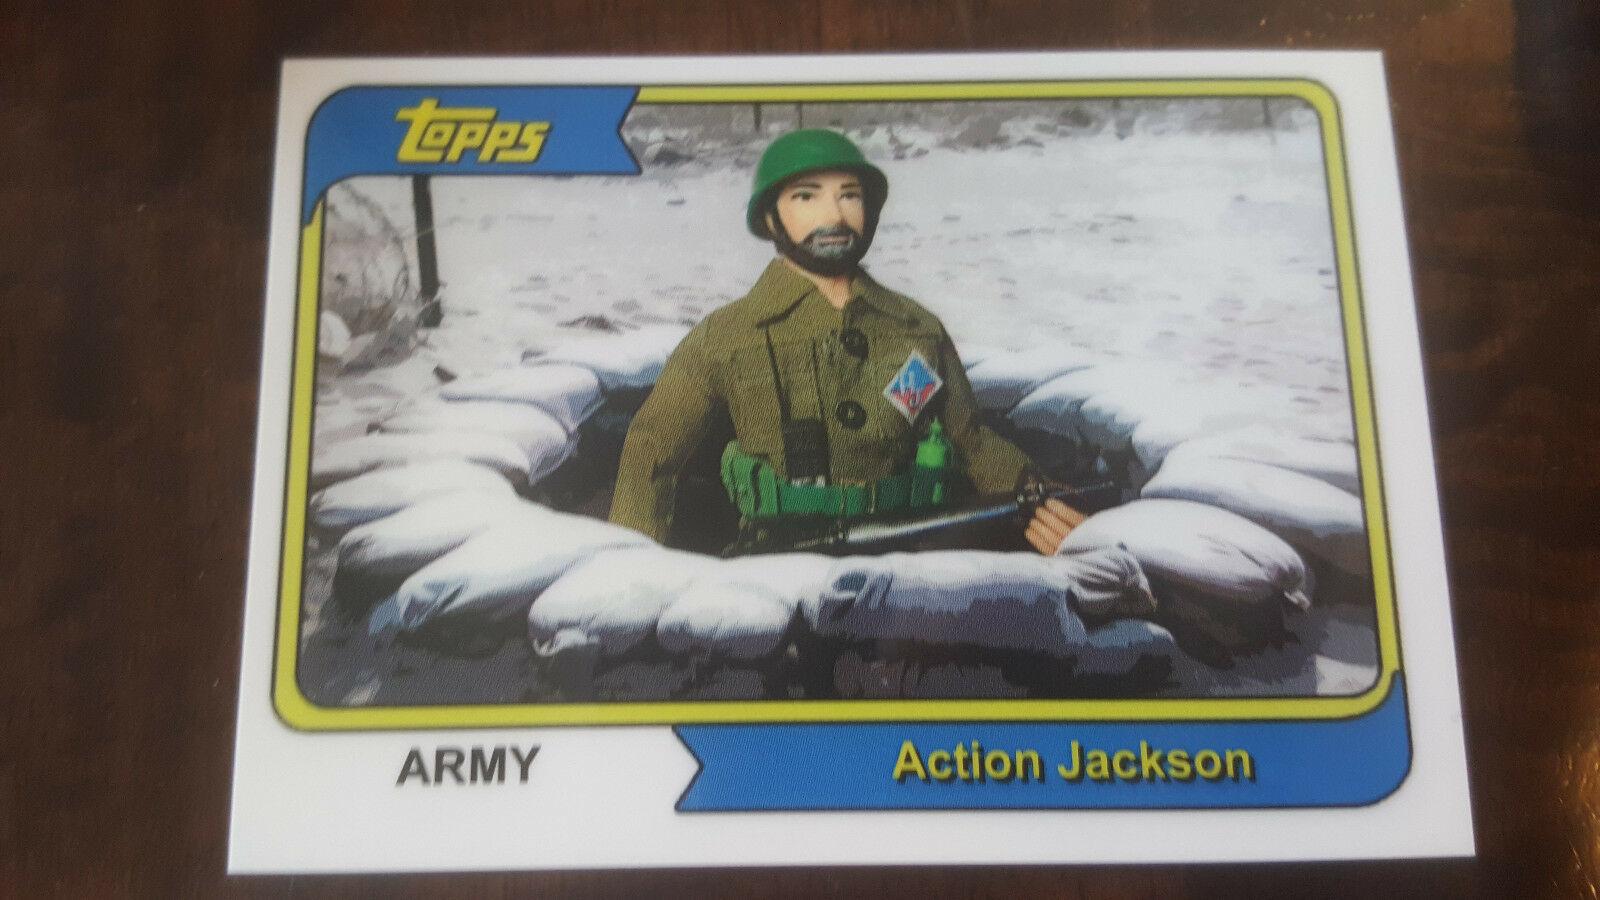 2008 Topps Mego Musée Action Jackson Armée Promo Carte Seulement 30 Conçu #12